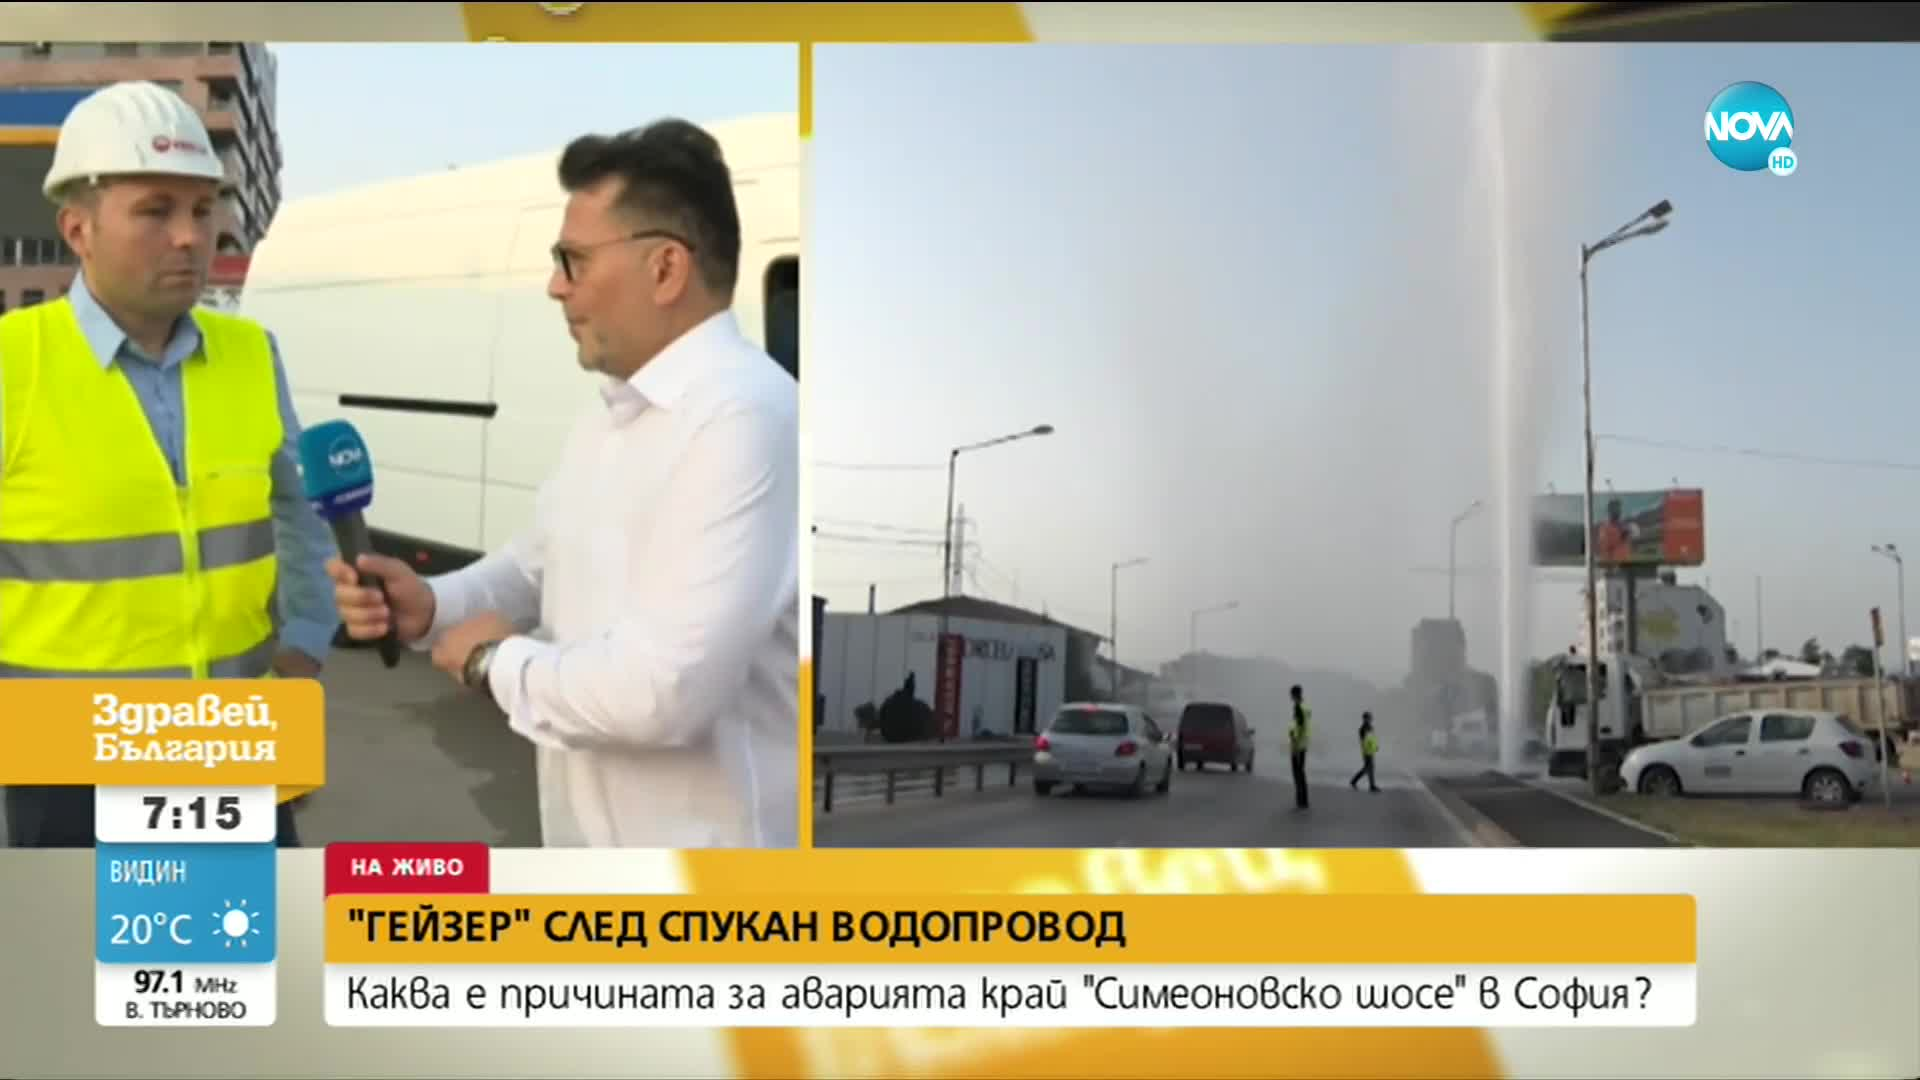 """95-годишен водопровод е причинил """"гейзера"""" на булевард в София"""